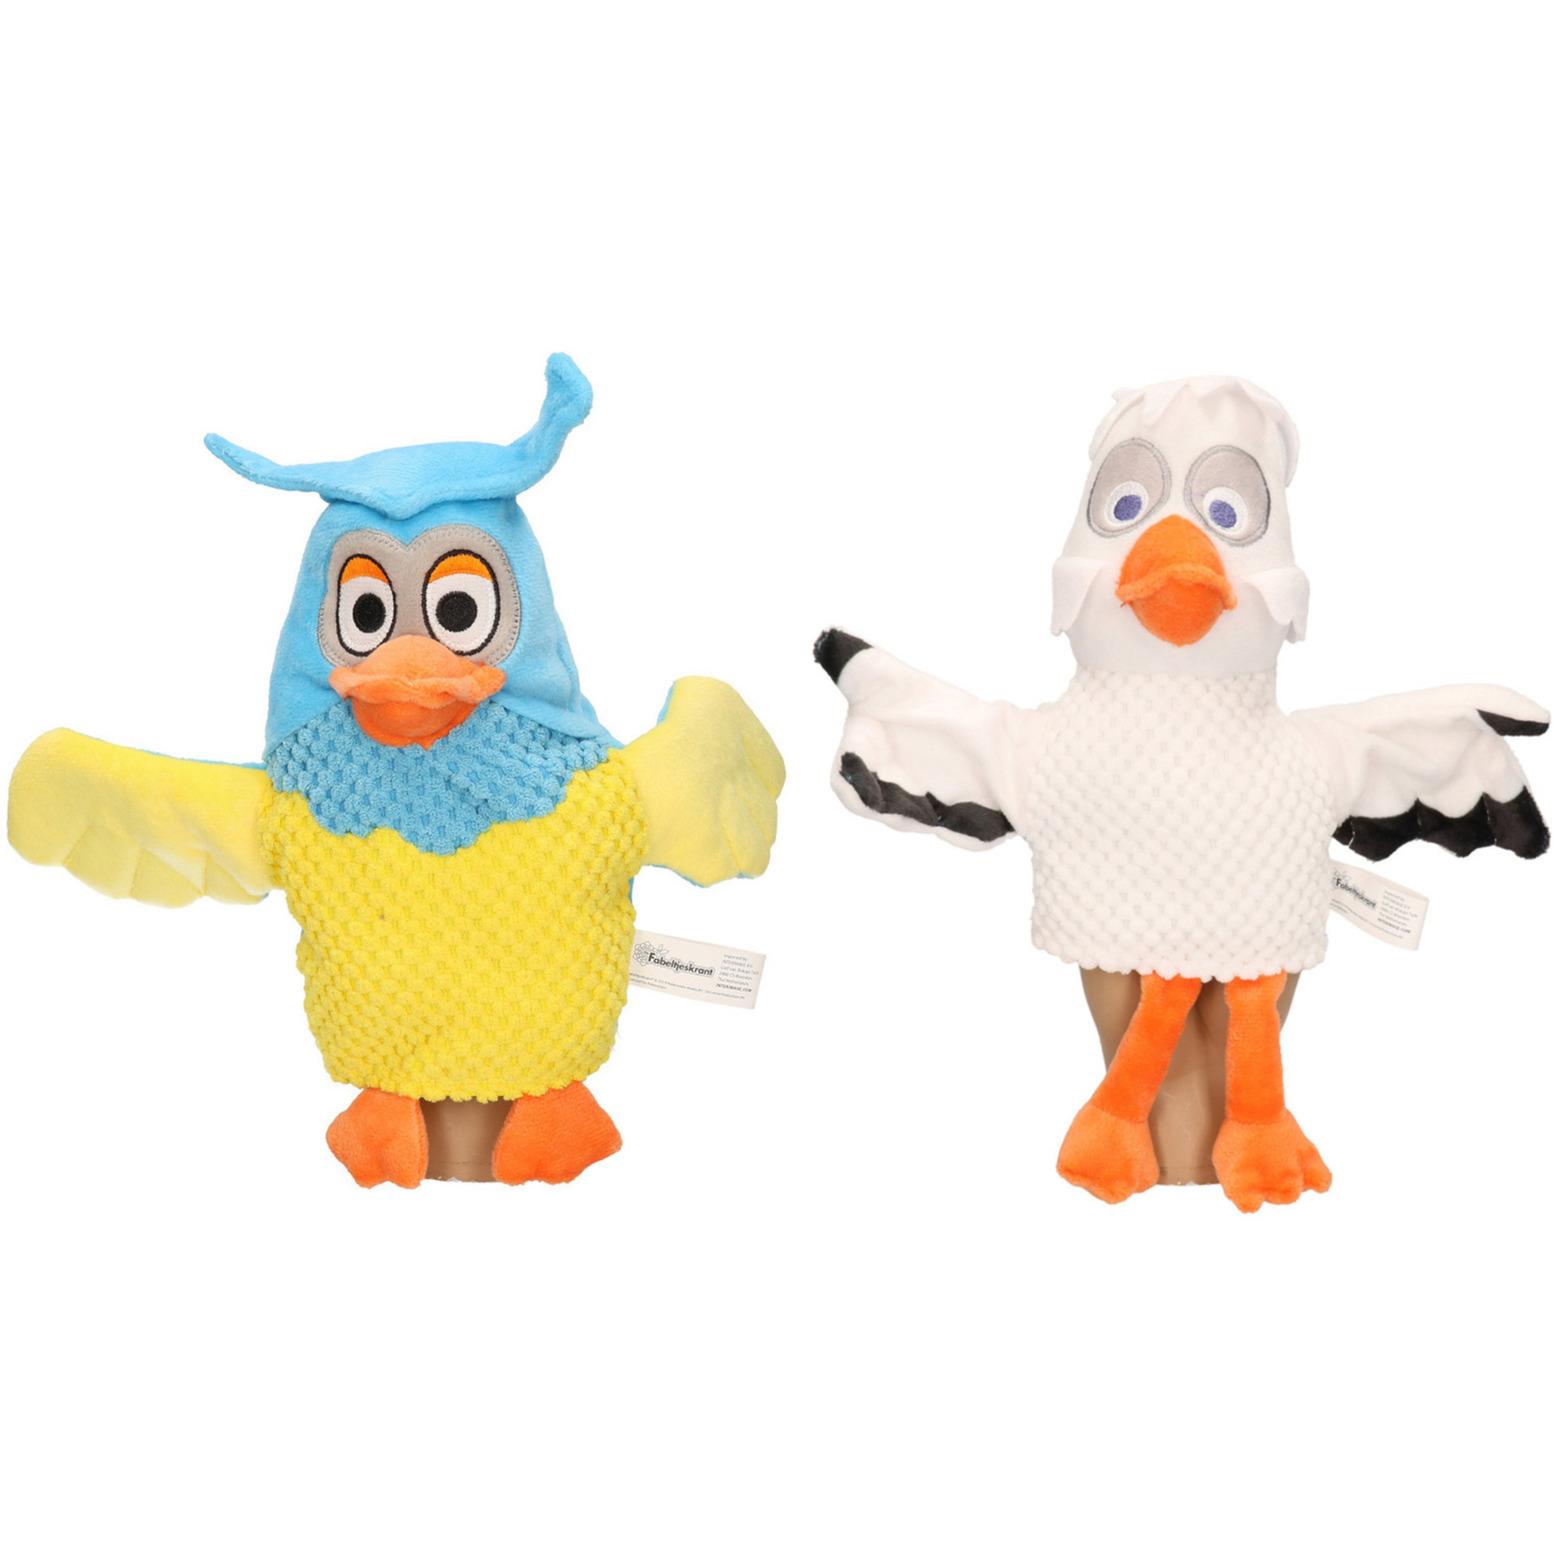 2x Uilen/ooievaars handpoppen knuffels 25 cm Fabeltjeskrant Meneer de Uil en Mevrouw Ooievaar knuffeldieren